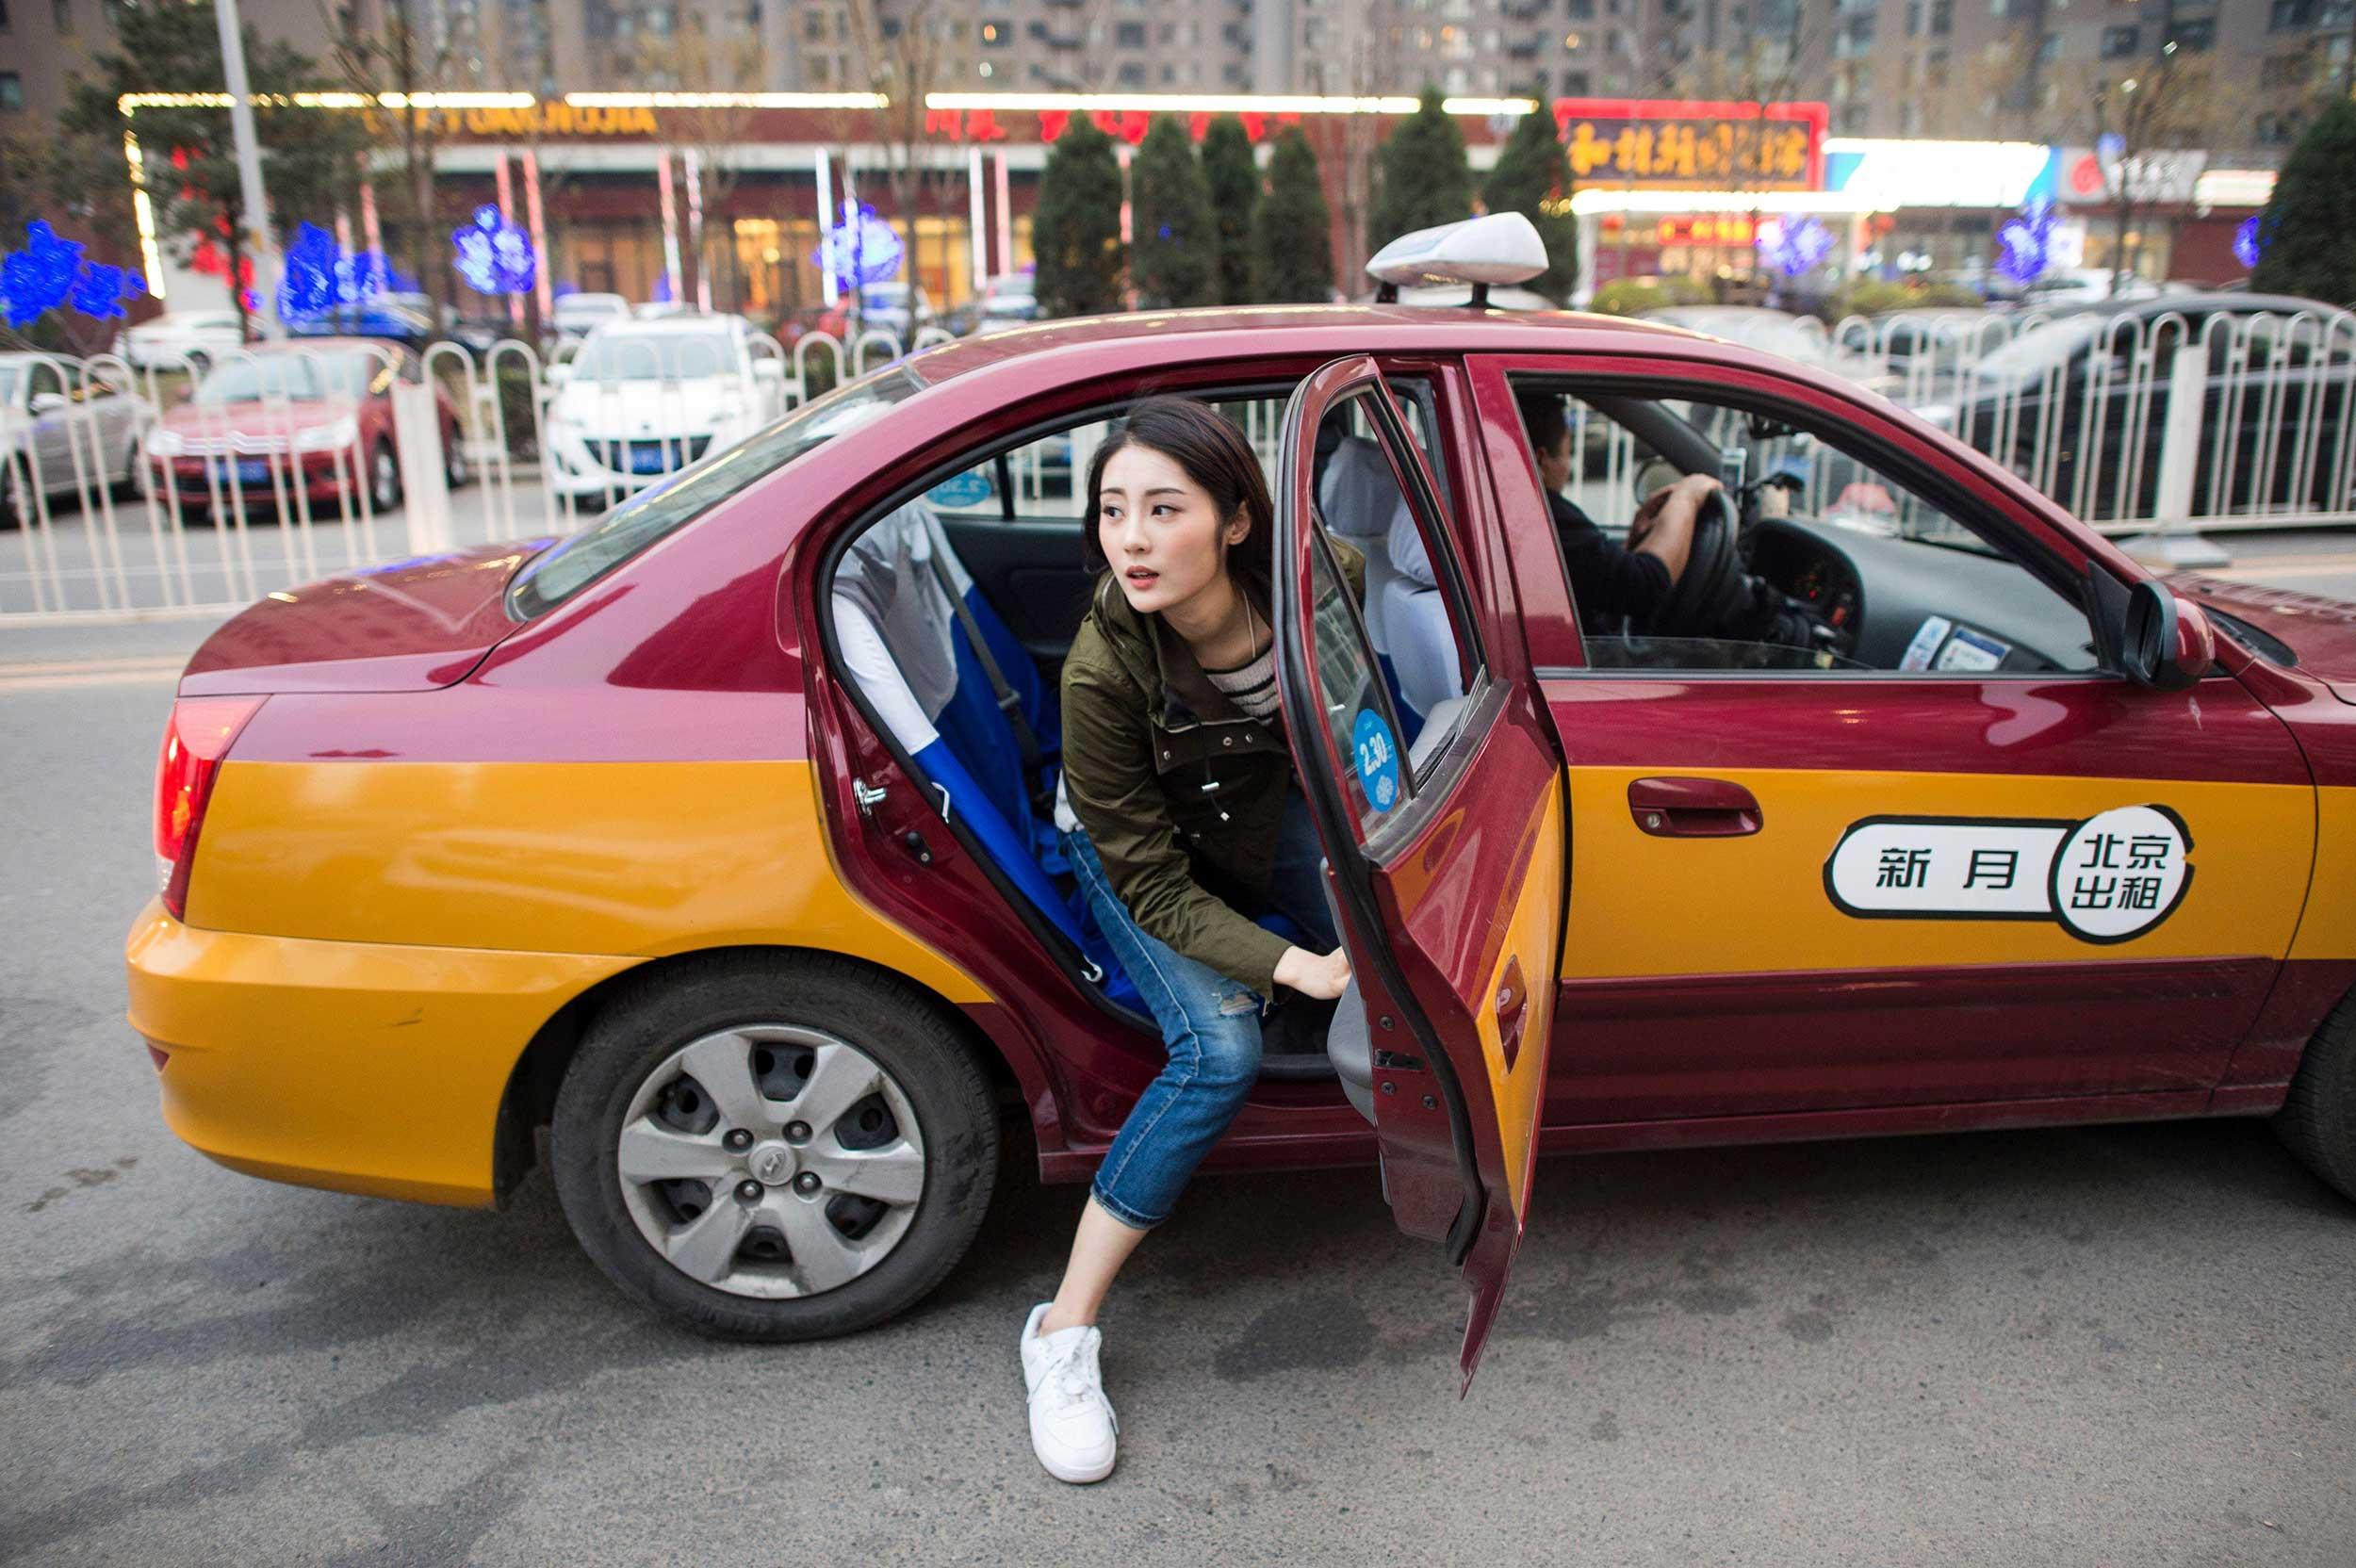 تاکسی در چین